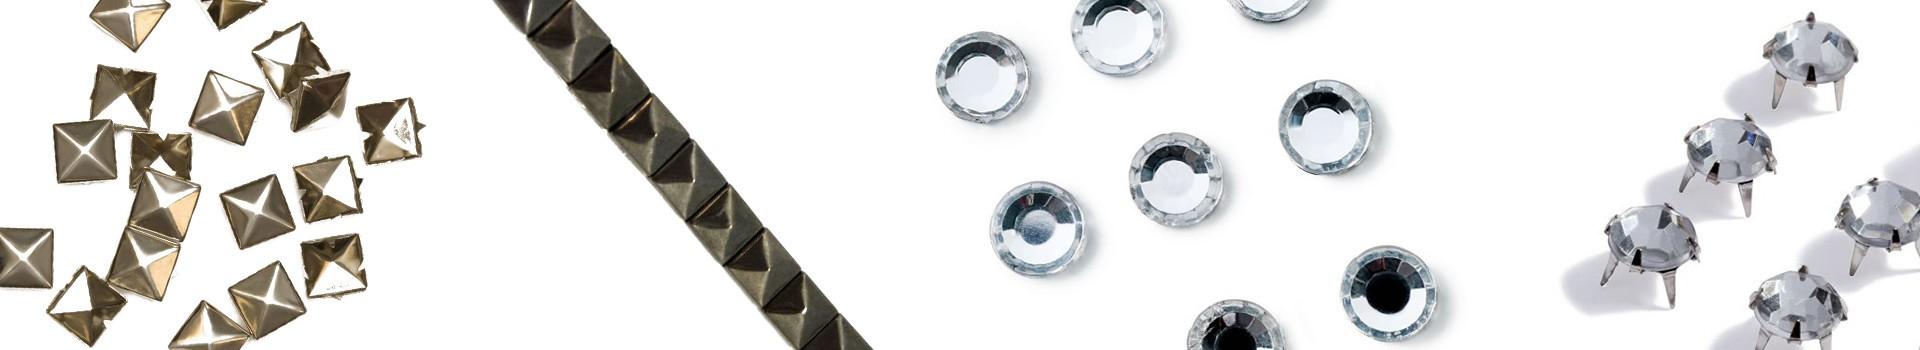 Rhinestones, Studs & Pearls